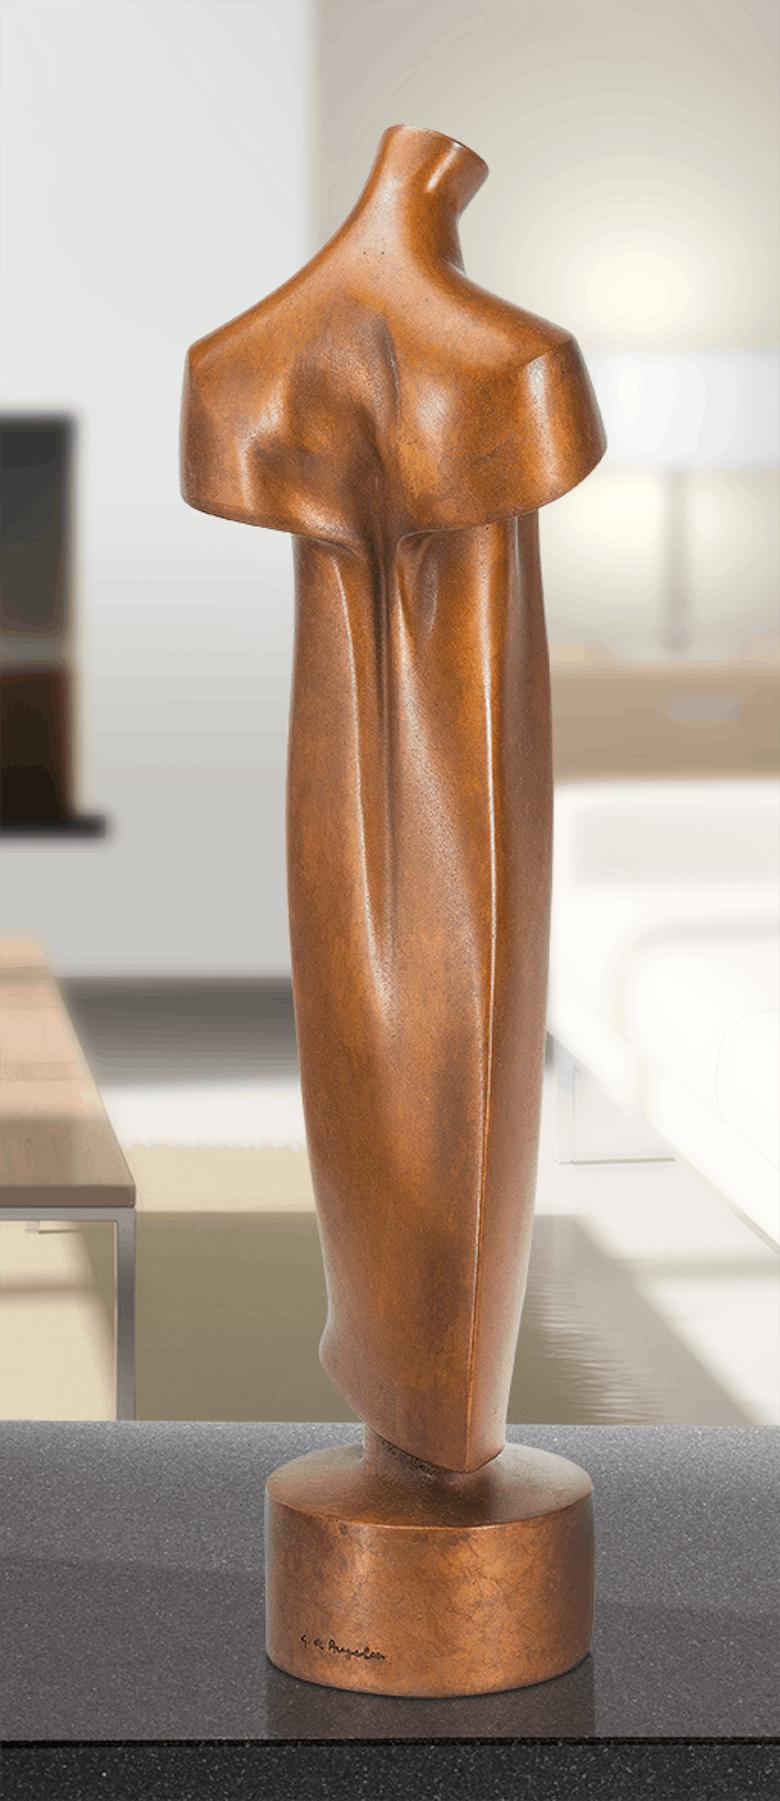 Bronzefigur Torso von Giovannni de Angelis